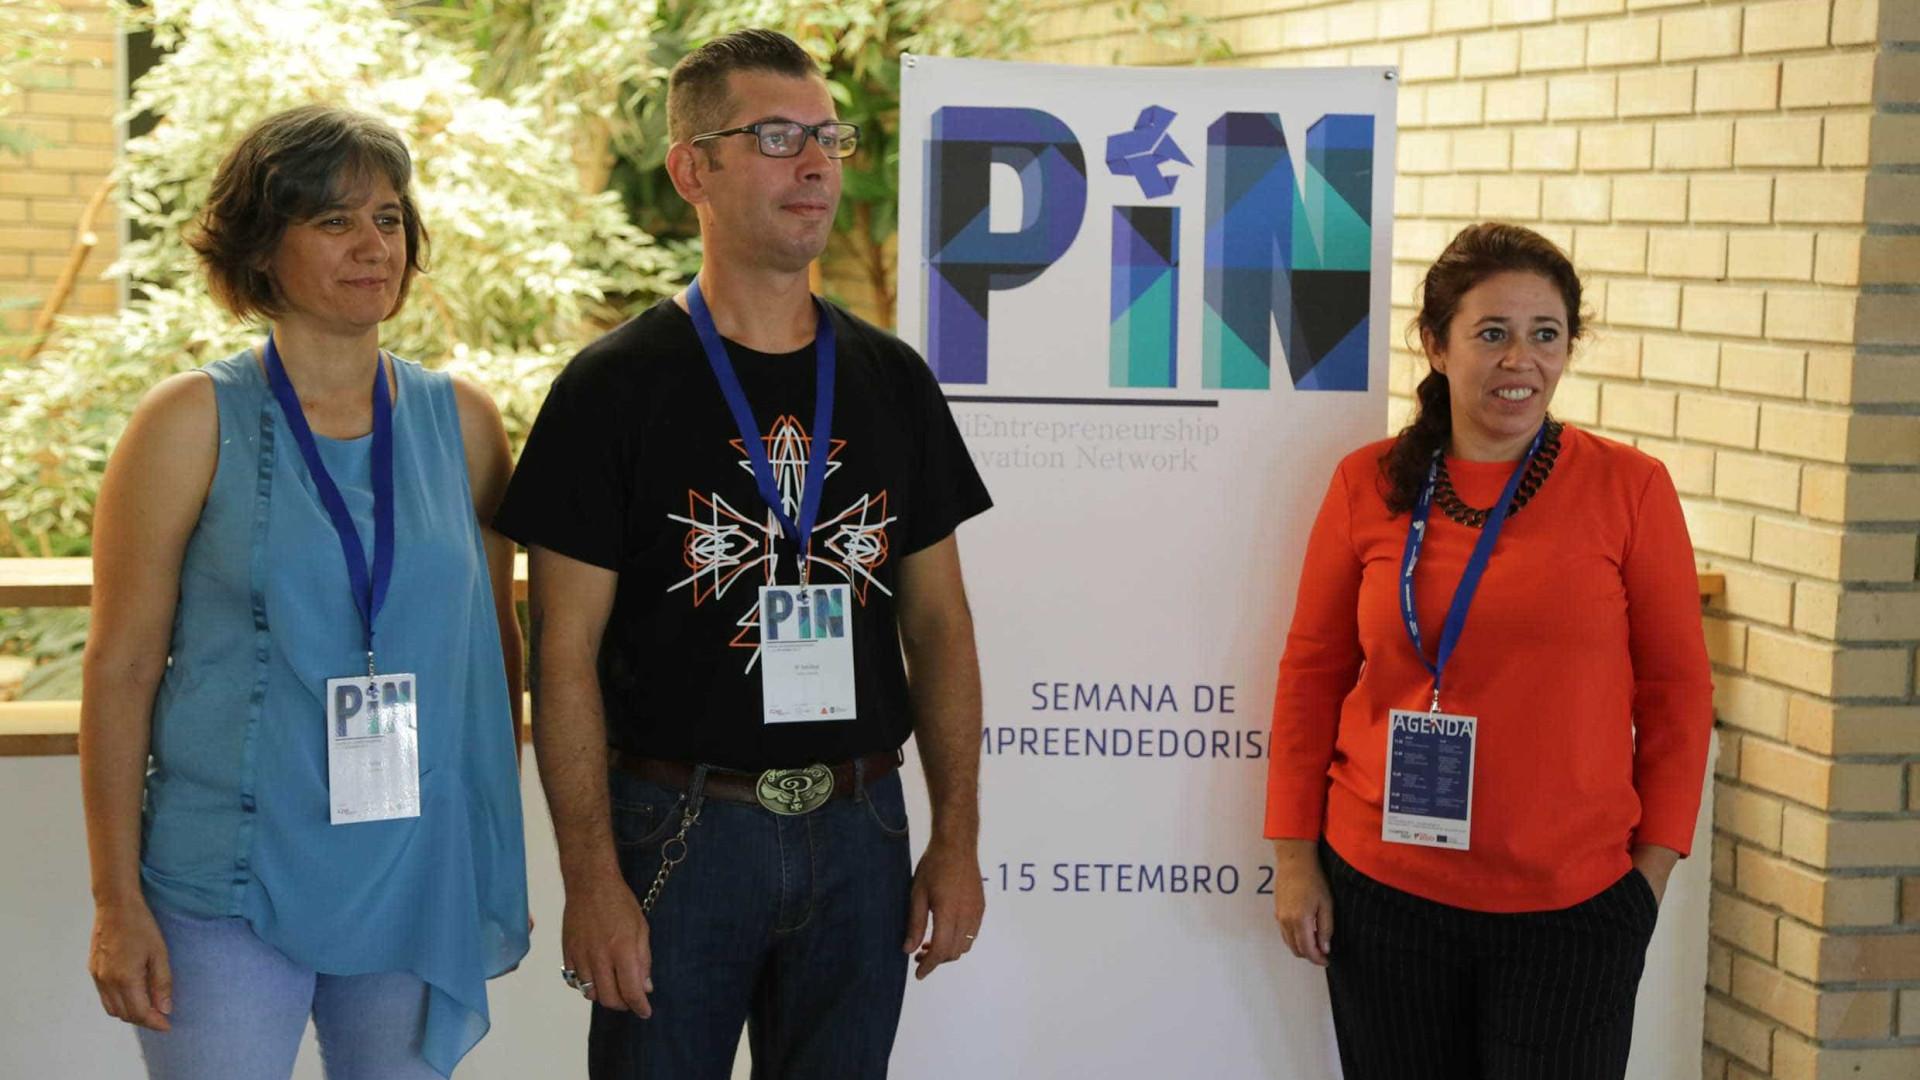 Conheça os projetos mais inovadores dos politécnicos portugueses